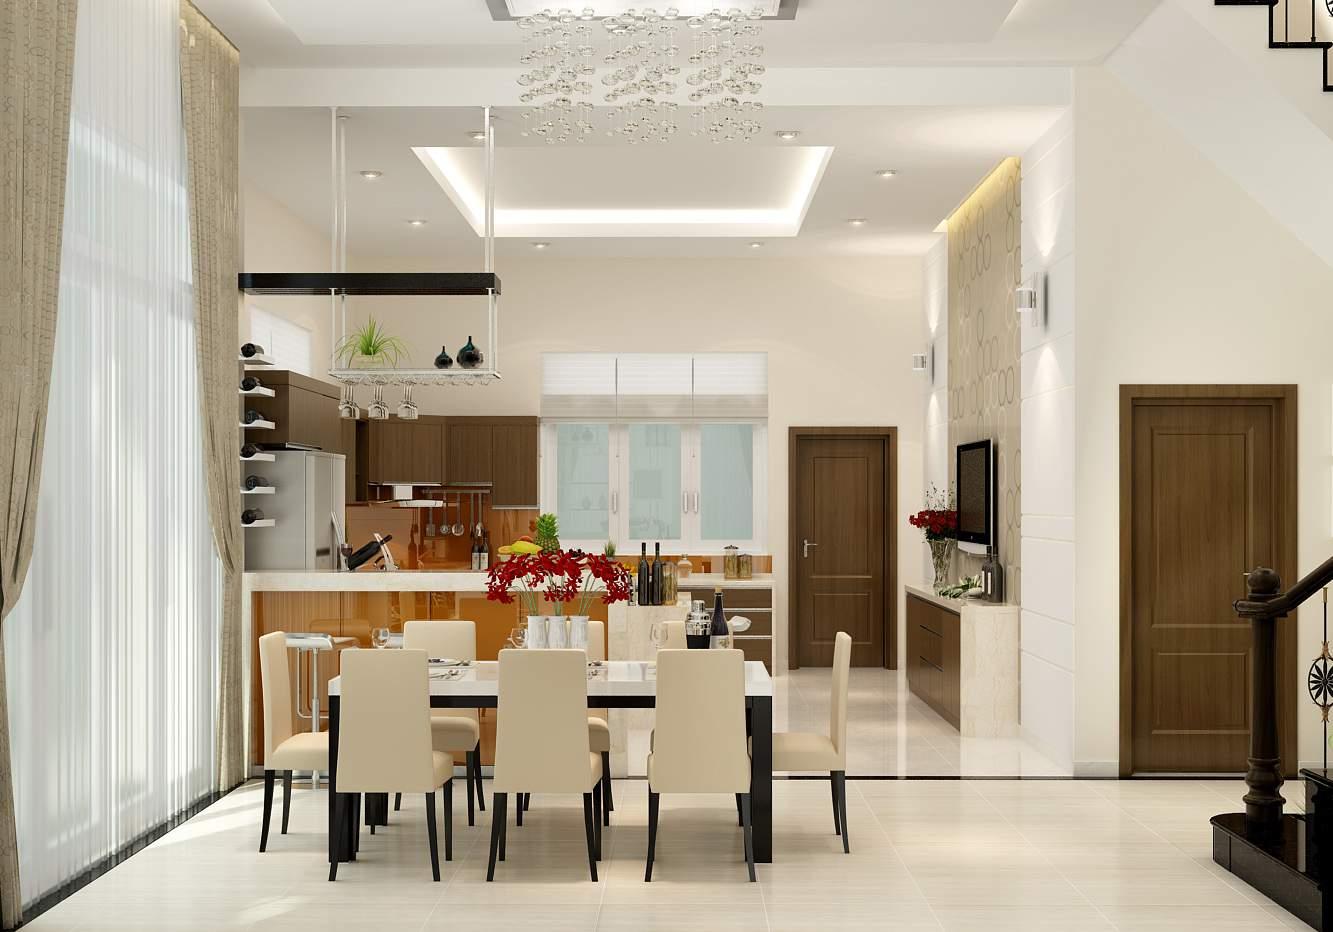 thiết kế nội thất biệt thự hiện đại cuốn hút